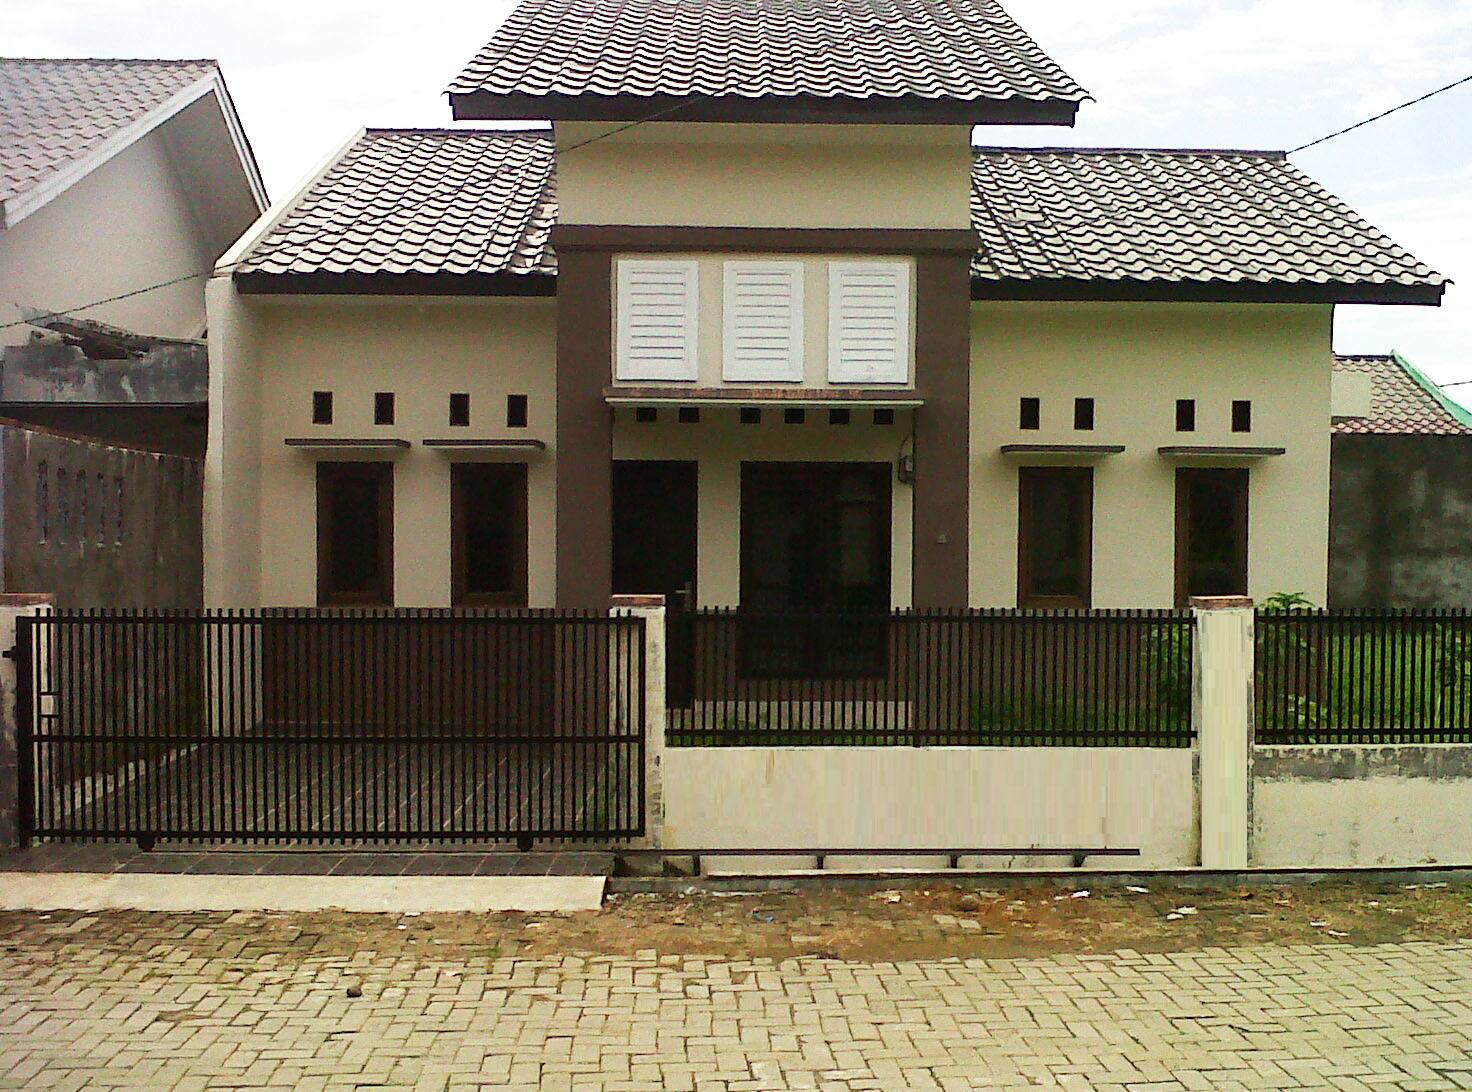 67 Desain Rumah Minimalis Pinggir Jalan Desain Rumah Minimalis Terbaru